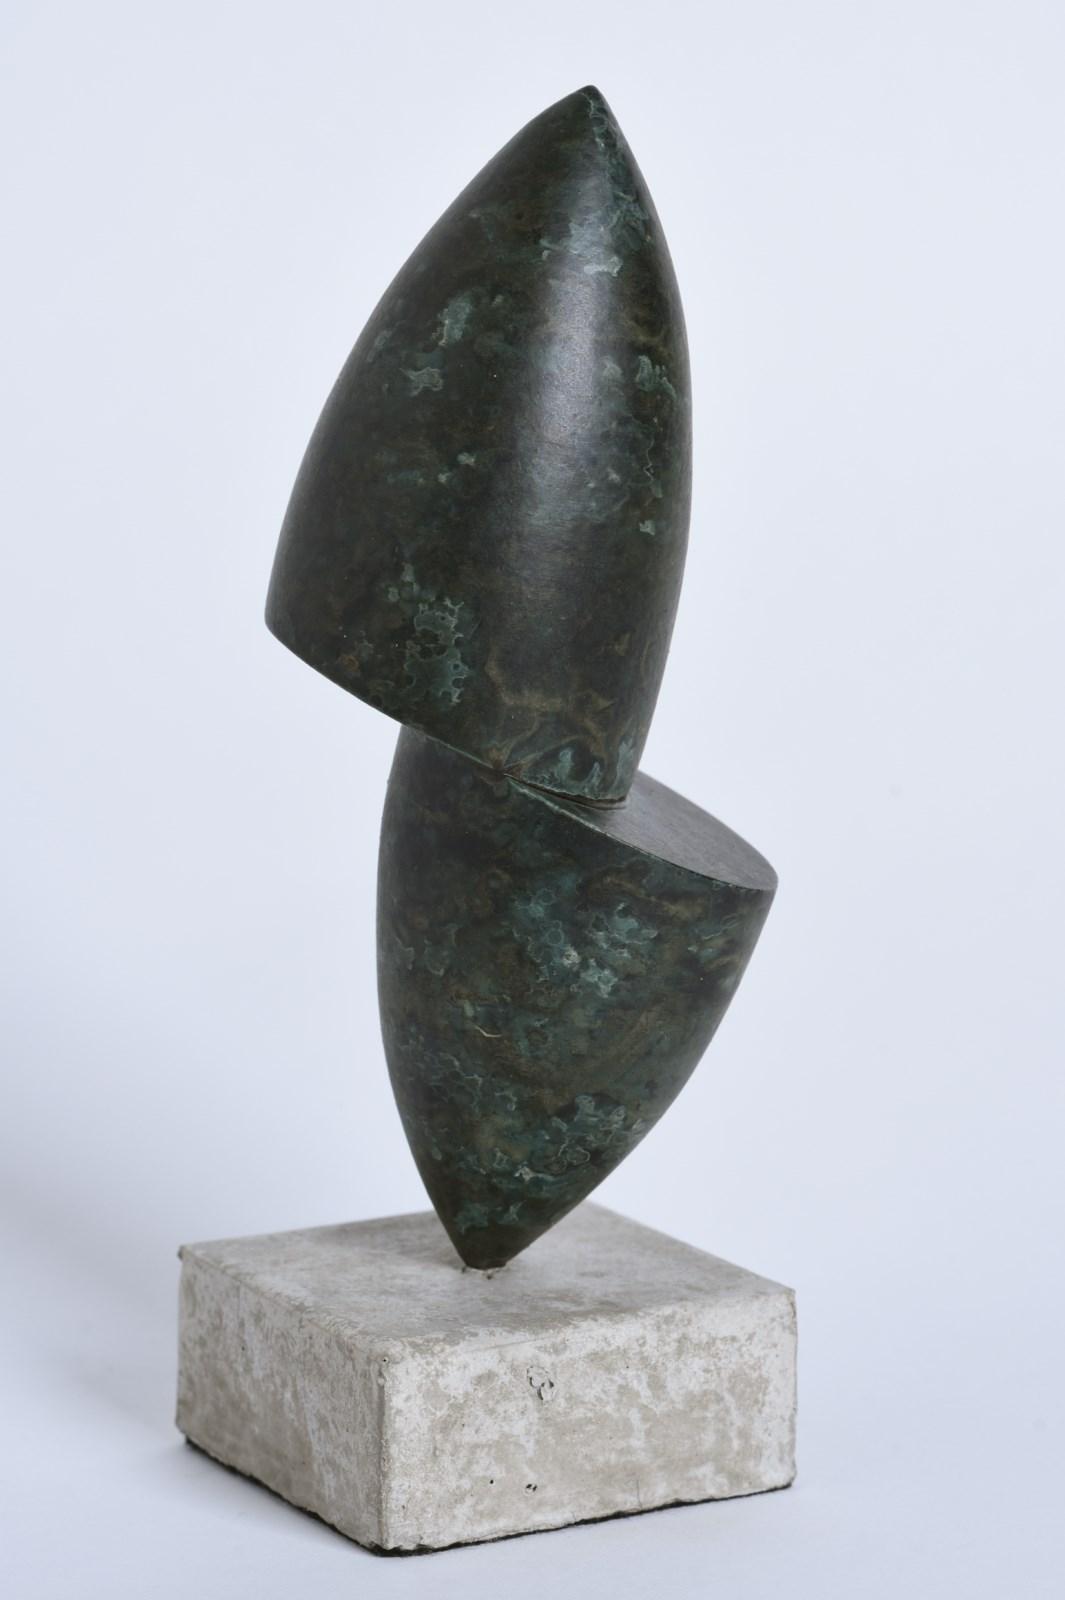 Sculpture-fer-patine-verni-socle-beton-hauteur:21cm-2016